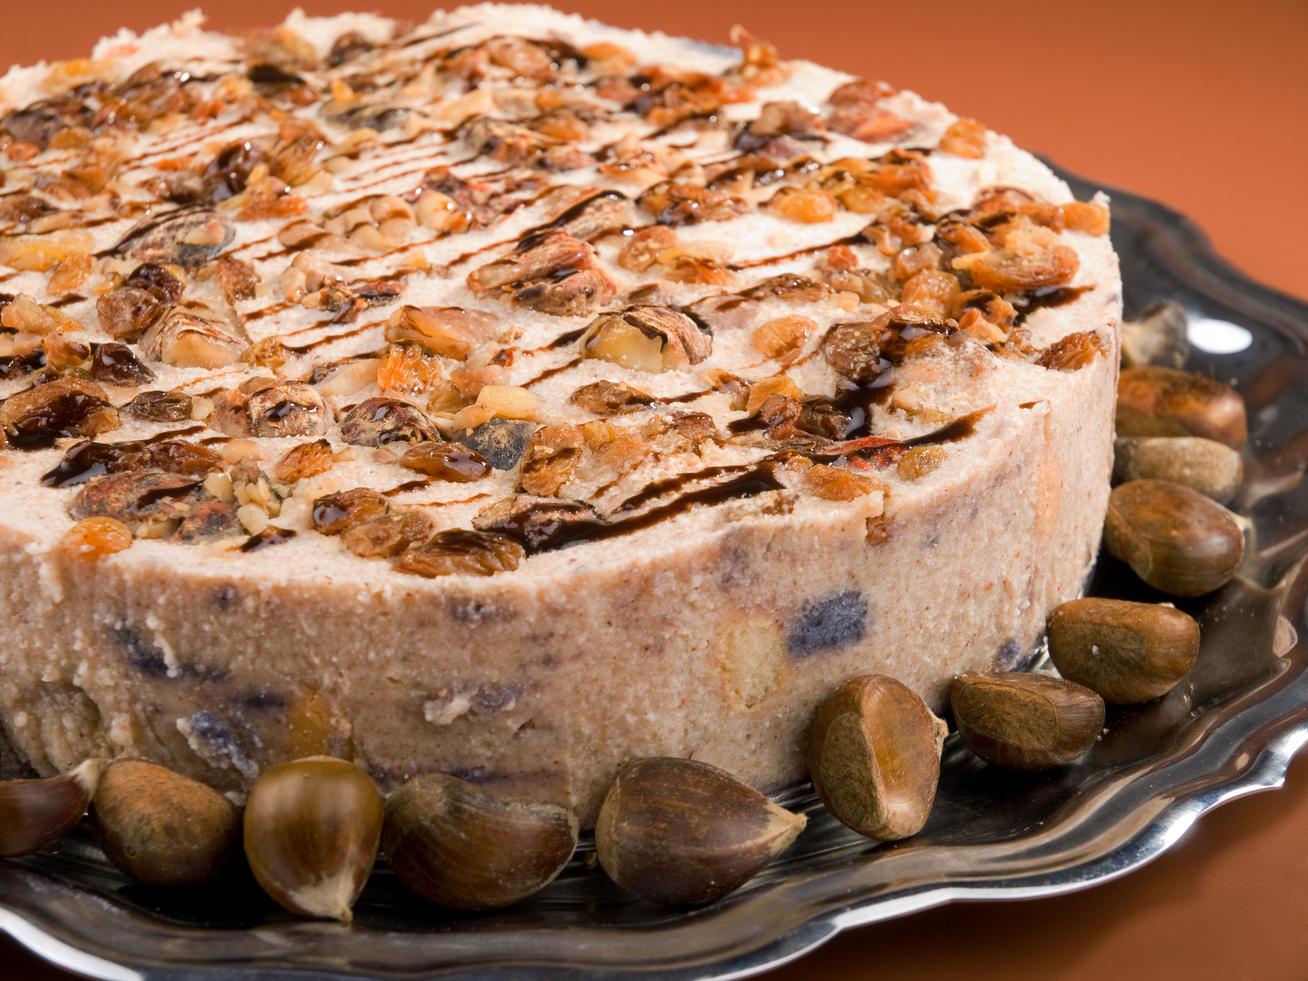 Babapiskótás, gesztenyés süti: még a sütőt sem kell hozzá bekapcsolni